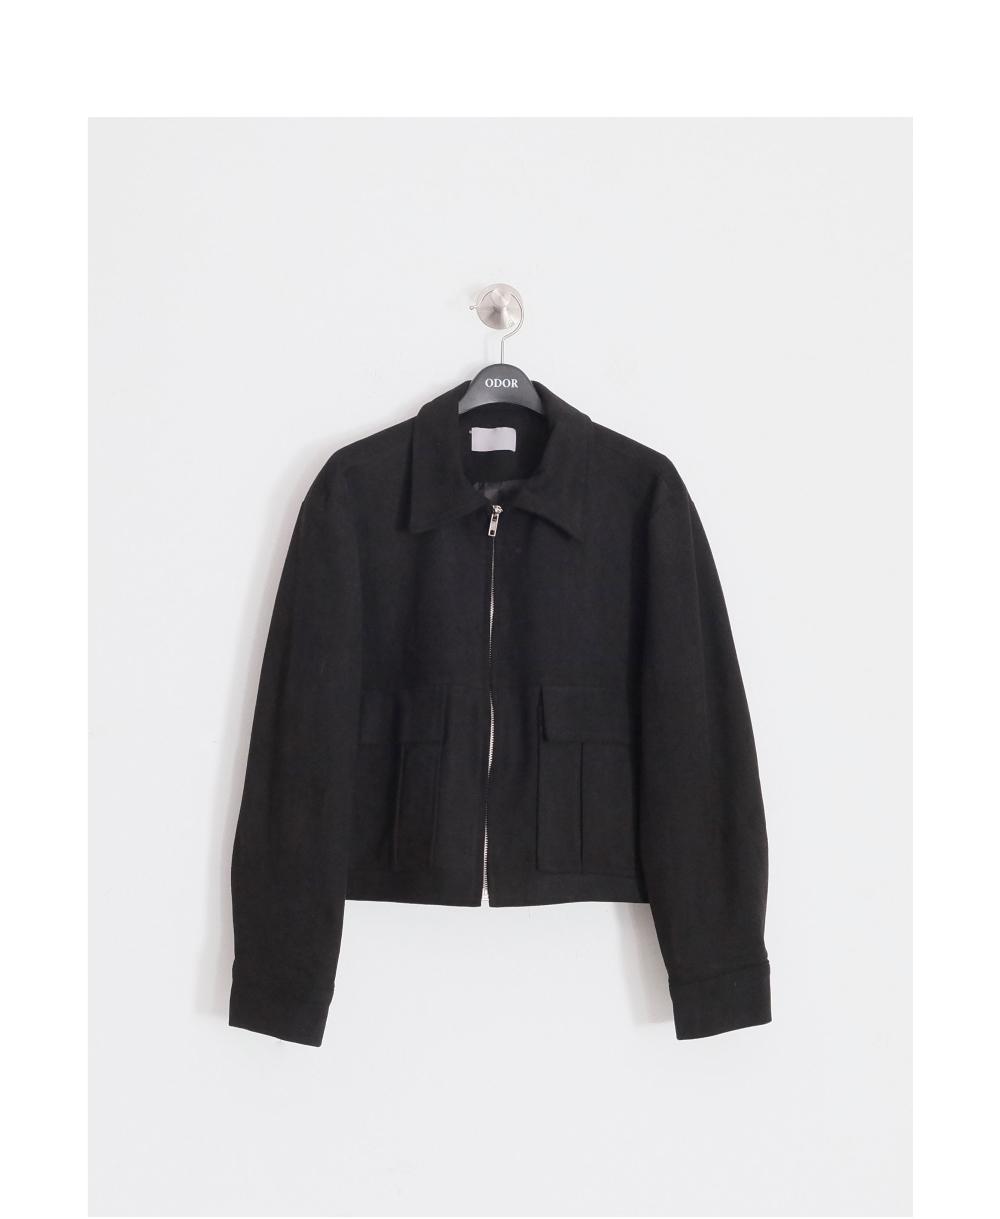 재킷 상품상세 이미지-S1L29